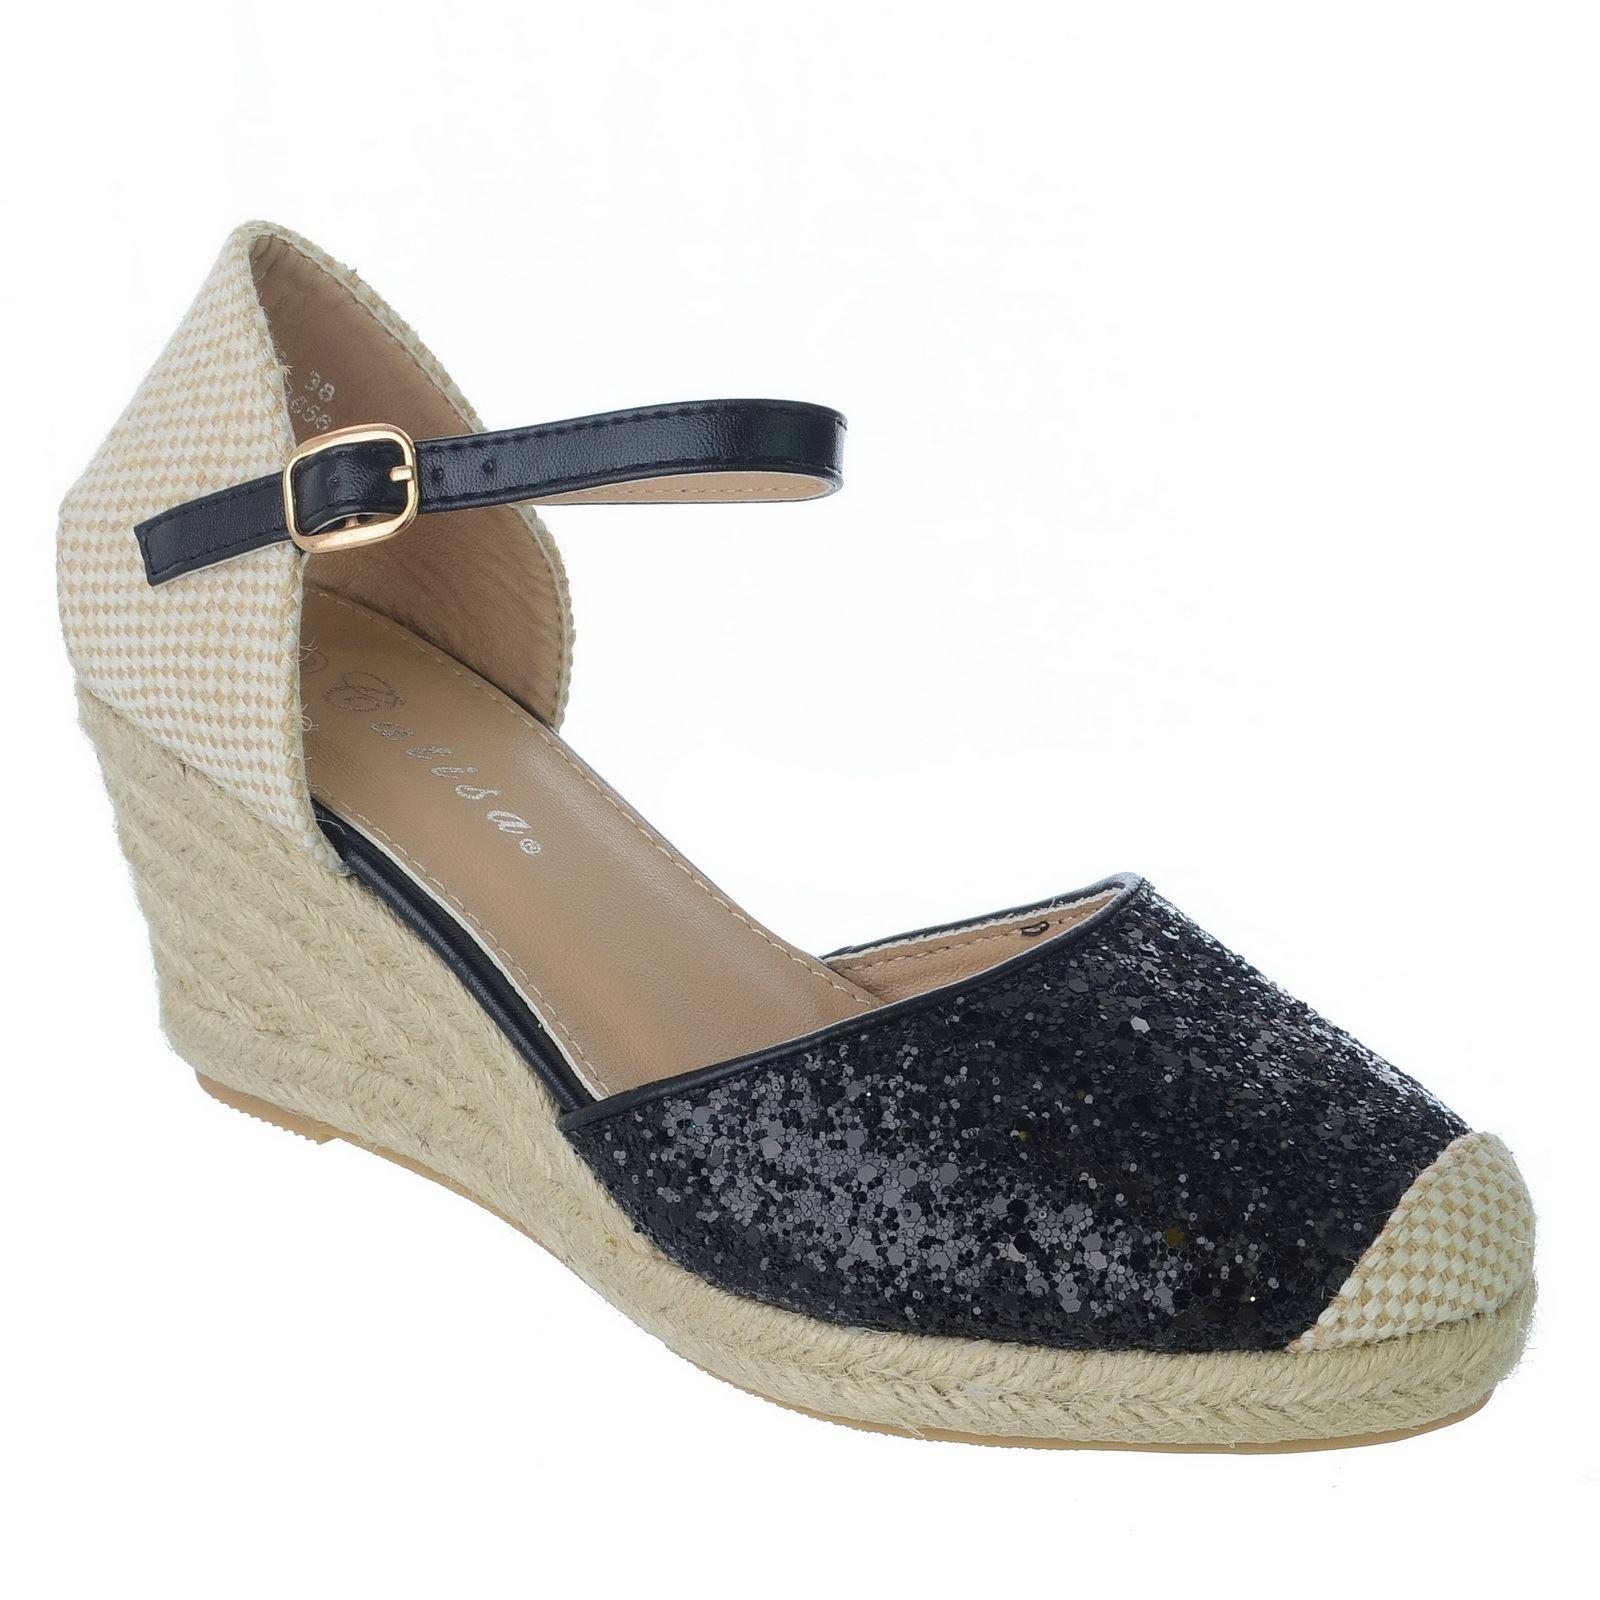 Donna Basse Espadrillas con Zeppa Tacco Sandali Cinturino alla Caviglia Glitter Tg UK